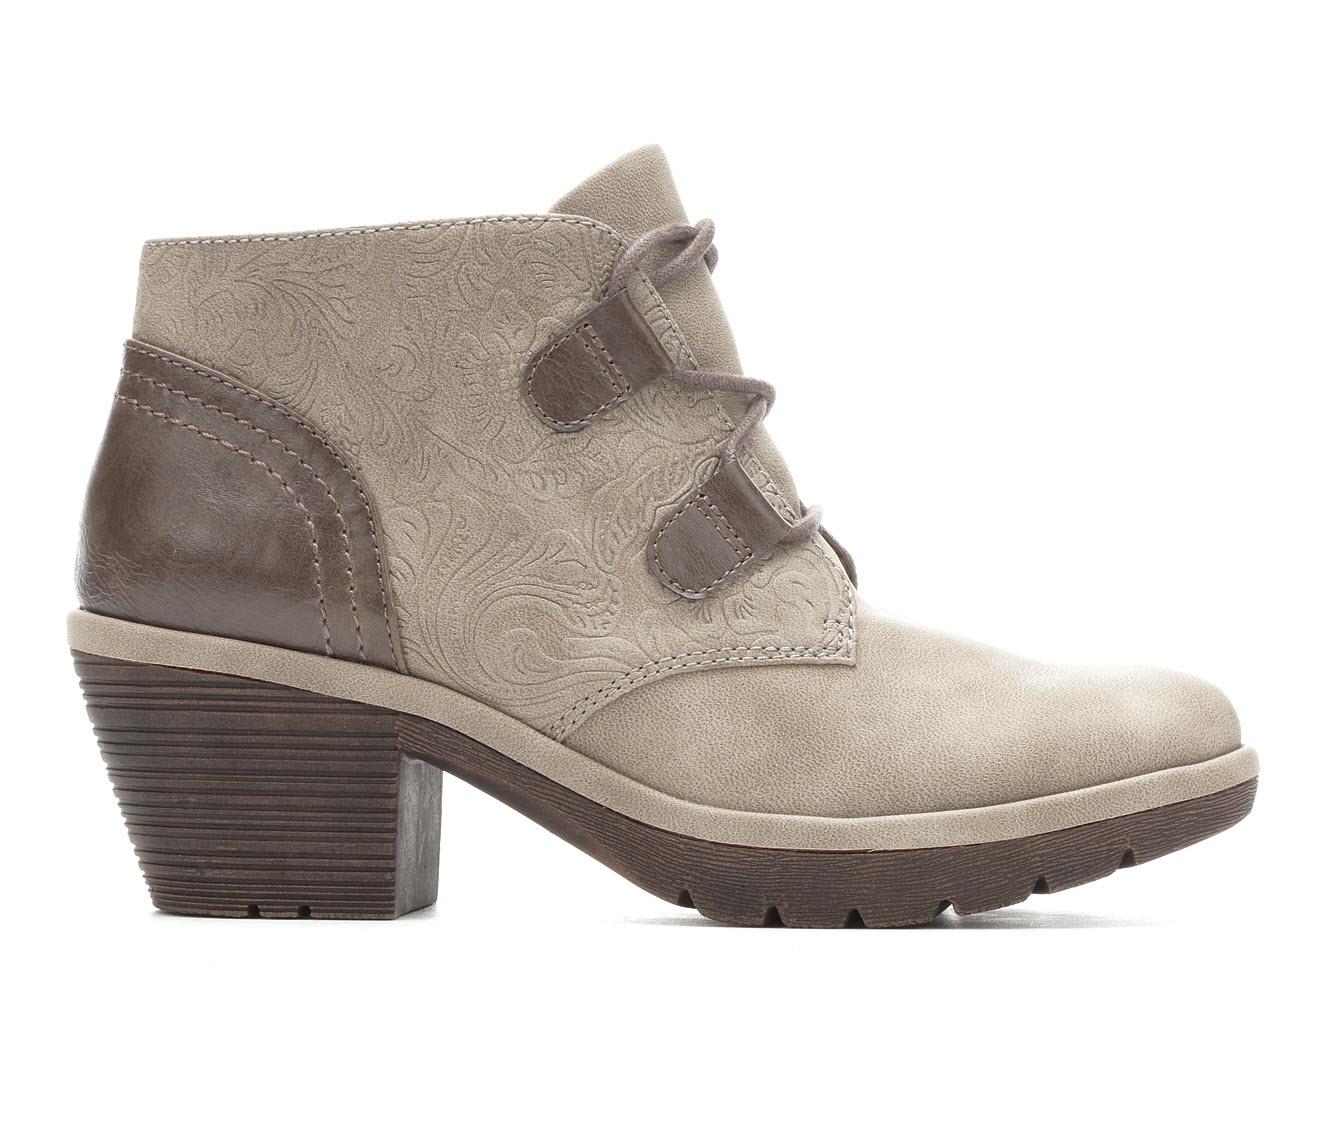 EuroSoft Talen Women's Boot (Gray Faux Leather)